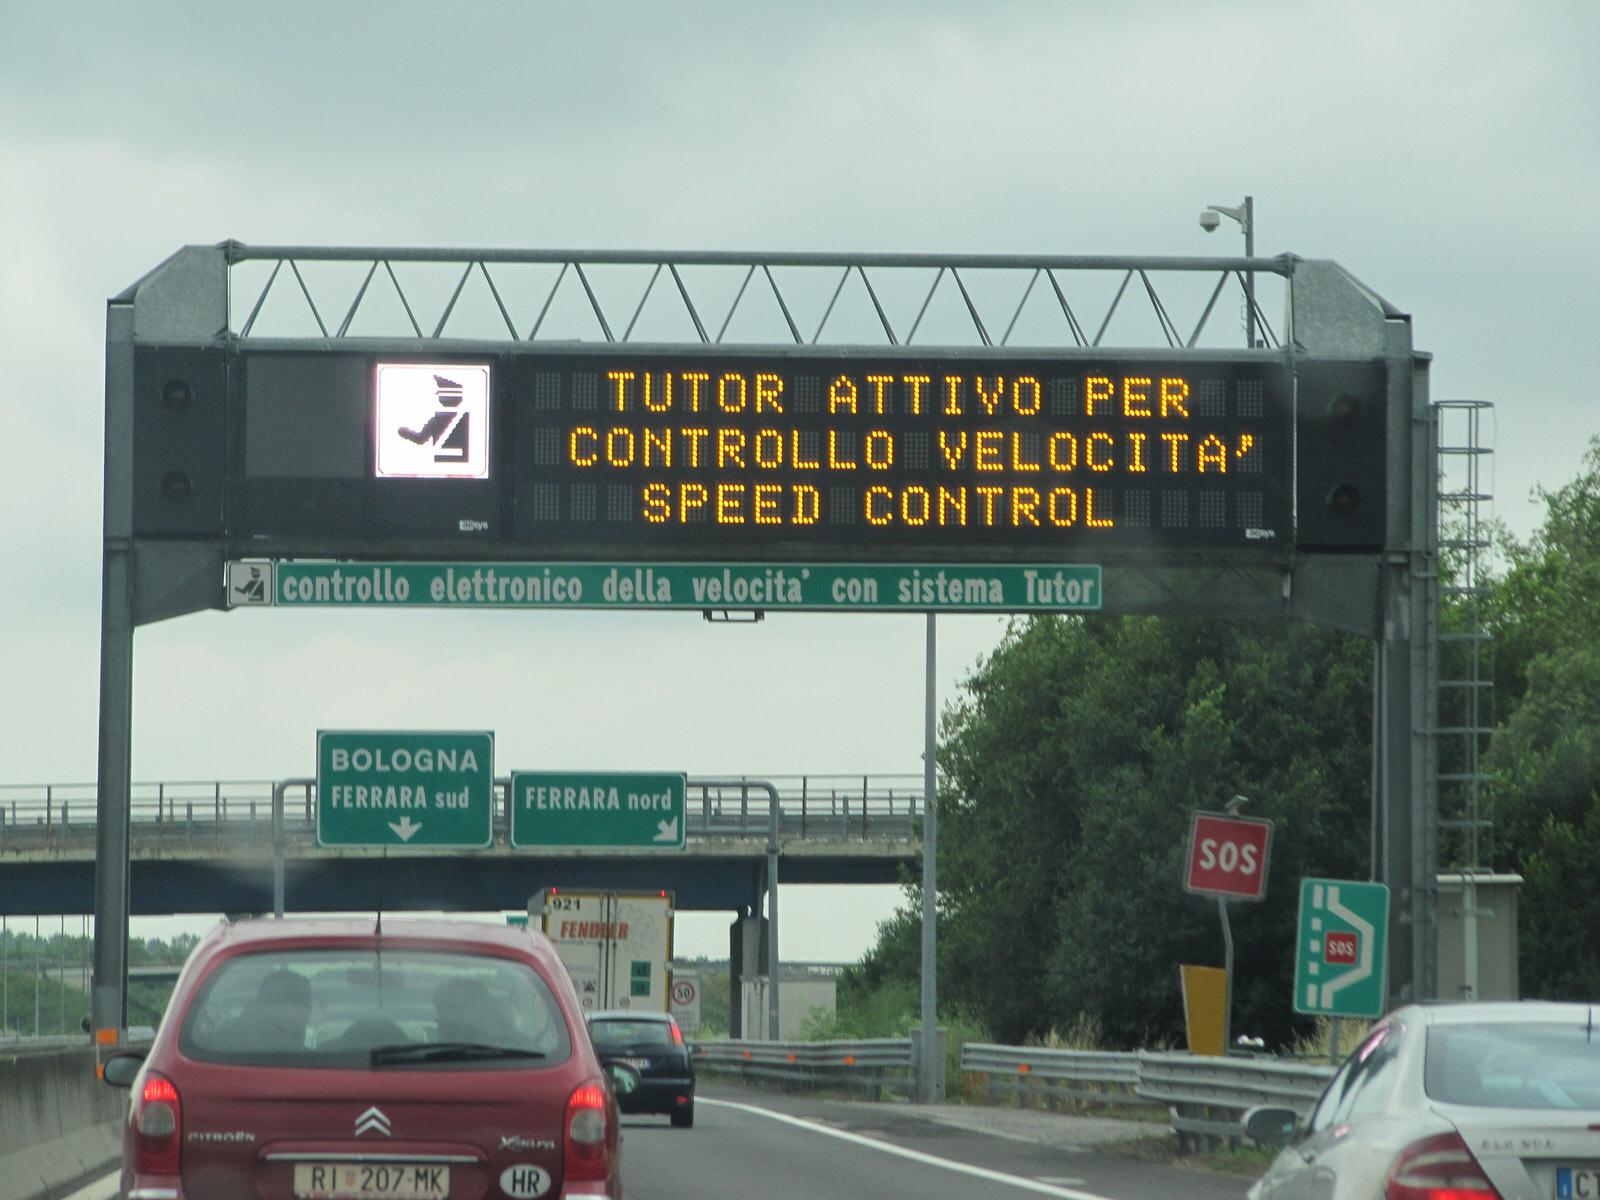 Autovelox e tutor alla vigilia di natale dove sono for Mobilifici italiani elenco fabbriche mobili in italia